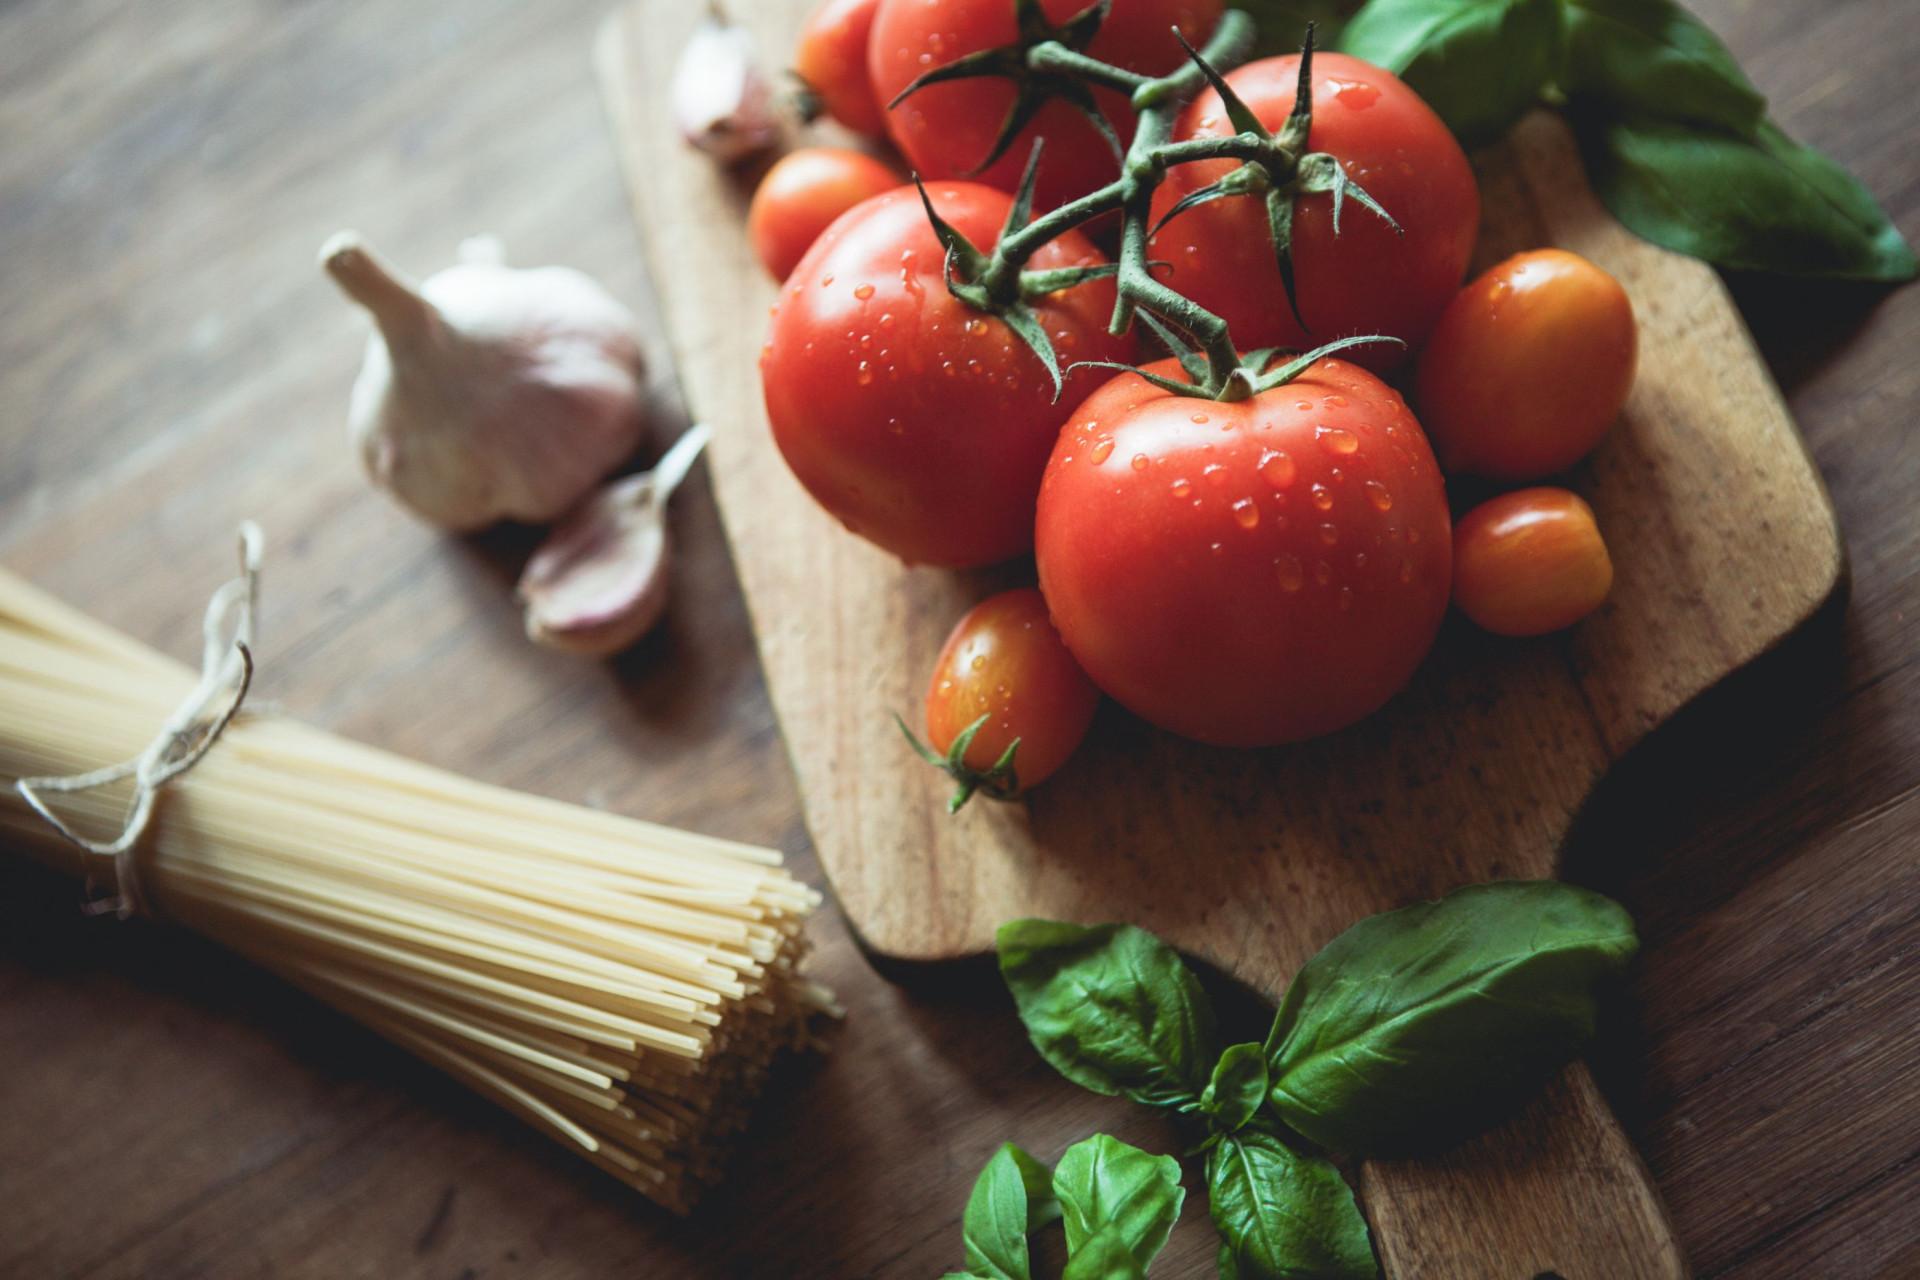 Perigo: Os alimentos do dia-a-dia que o podem matar